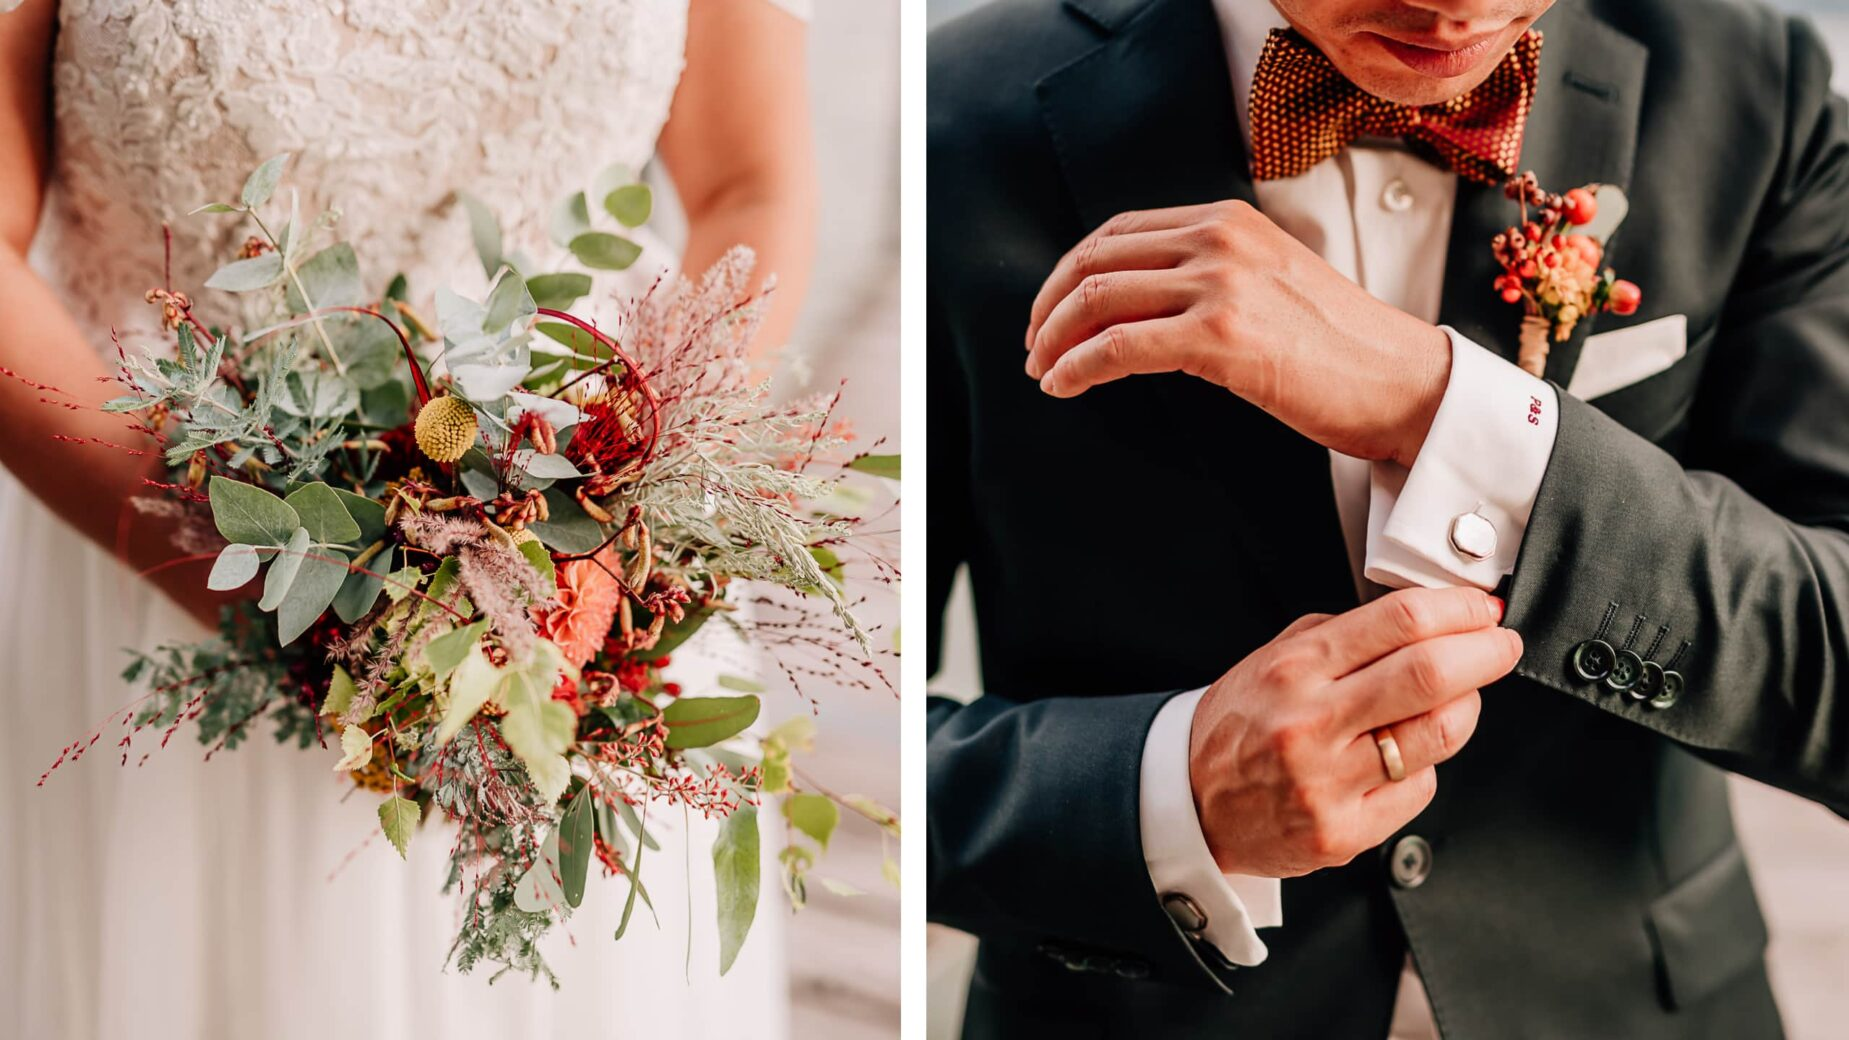 Hochzeitsdetails, Brautstrauß und Manschettenknöpfe beim Brautpaarshooting am Schliersee von Jung und Wild design